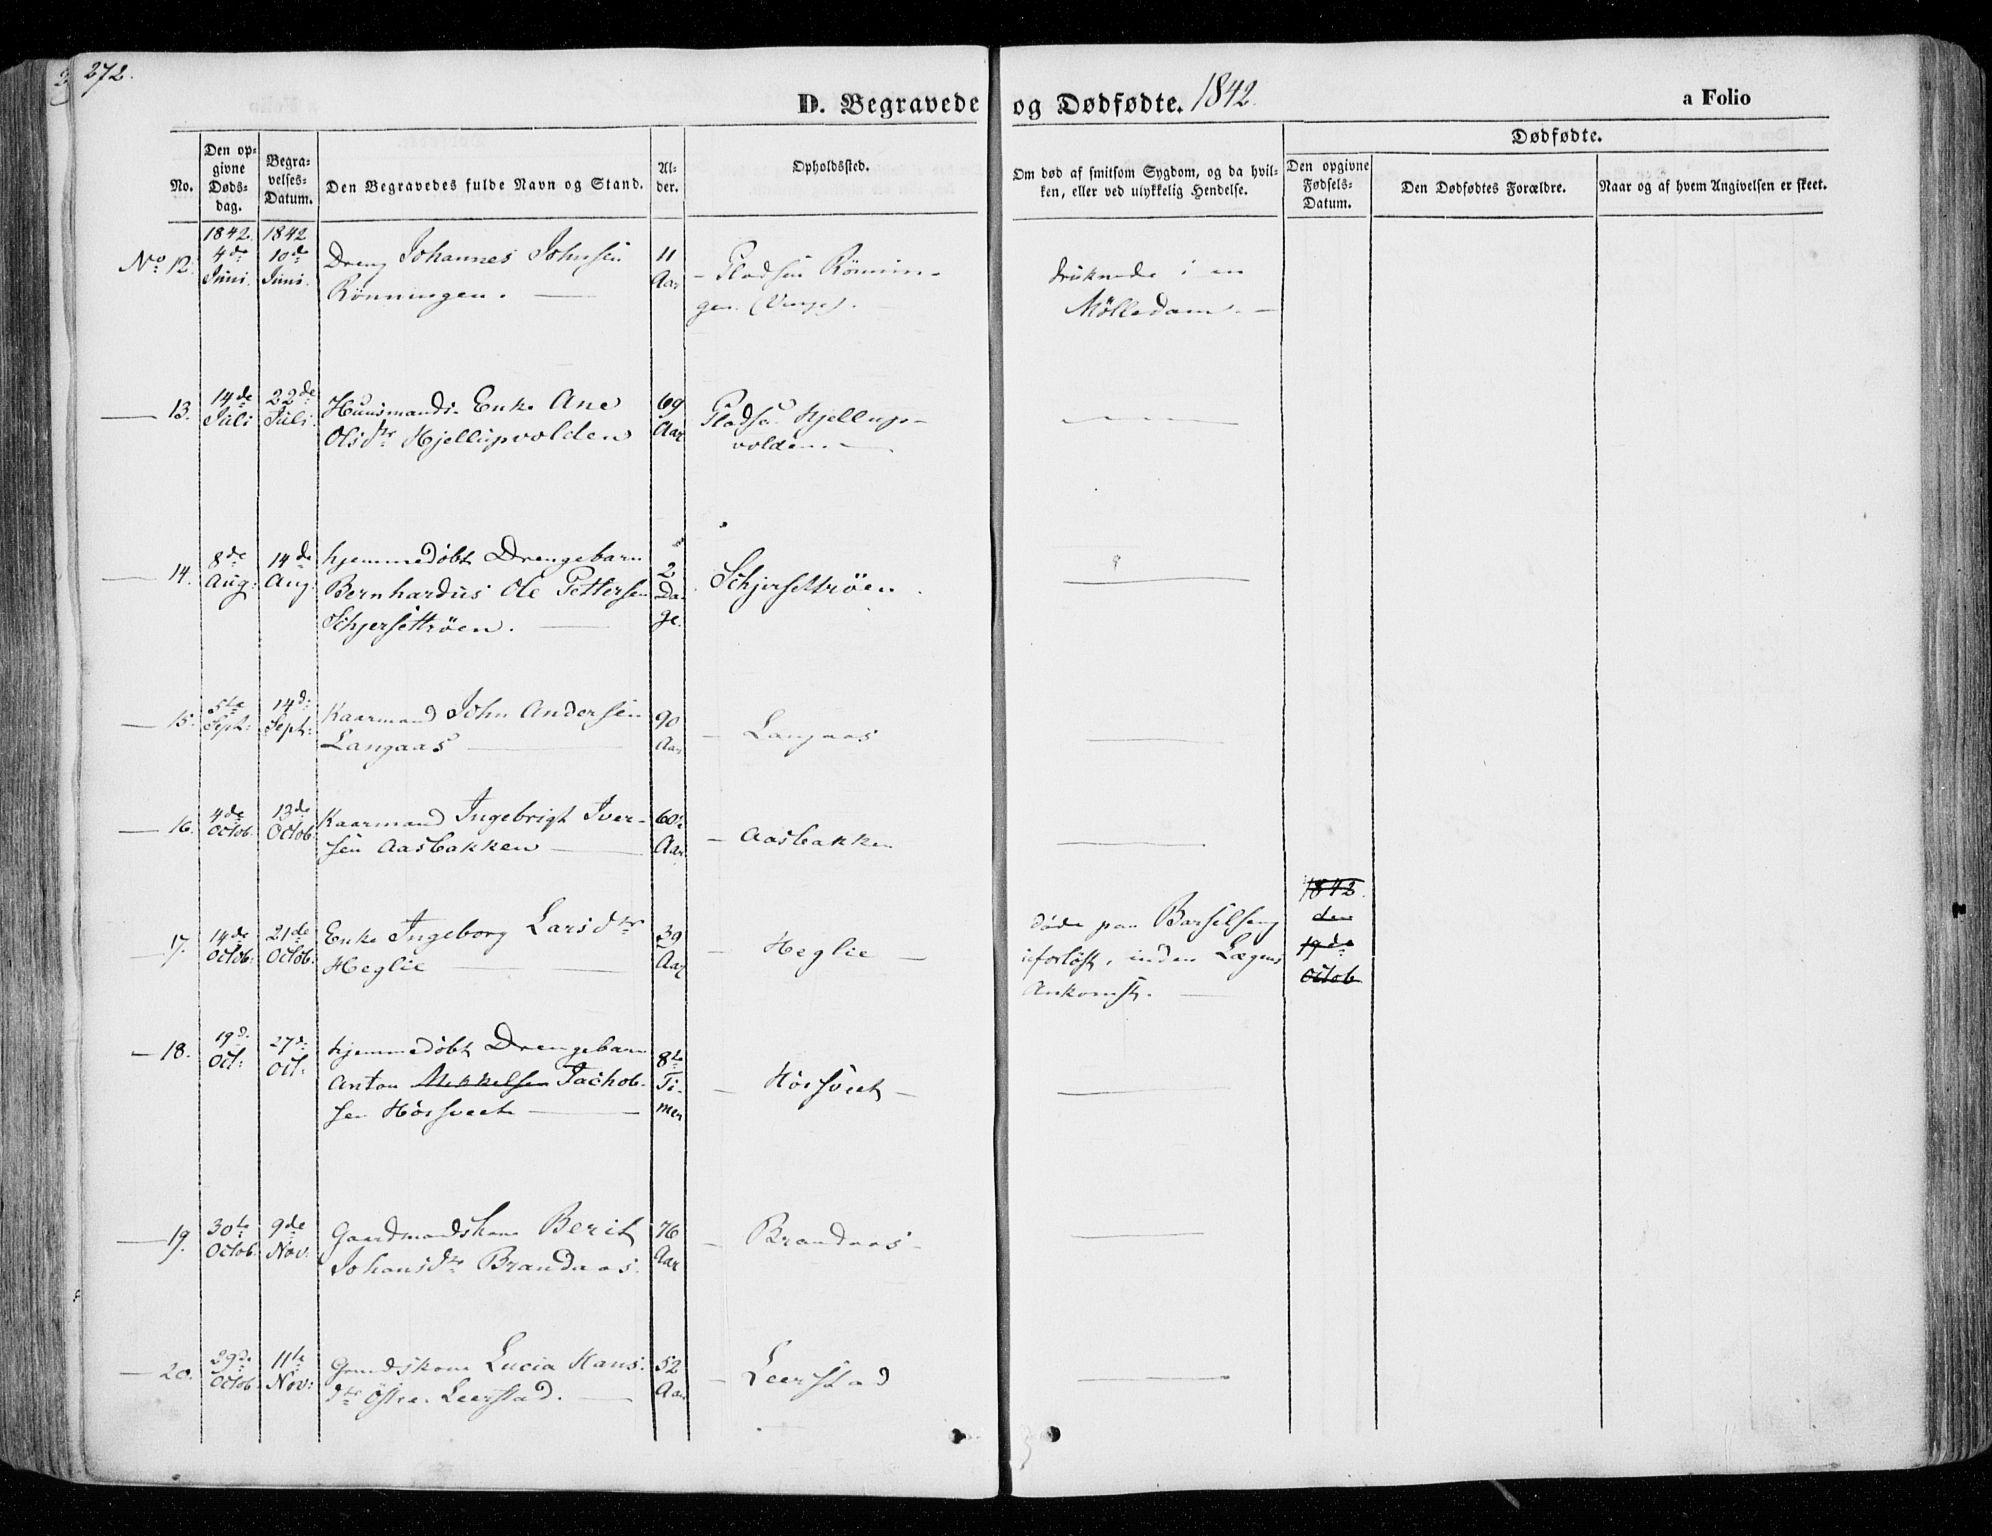 SAT, Ministerialprotokoller, klokkerbøker og fødselsregistre - Nord-Trøndelag, 701/L0007: Ministerialbok nr. 701A07 /1, 1842-1854, s. 272